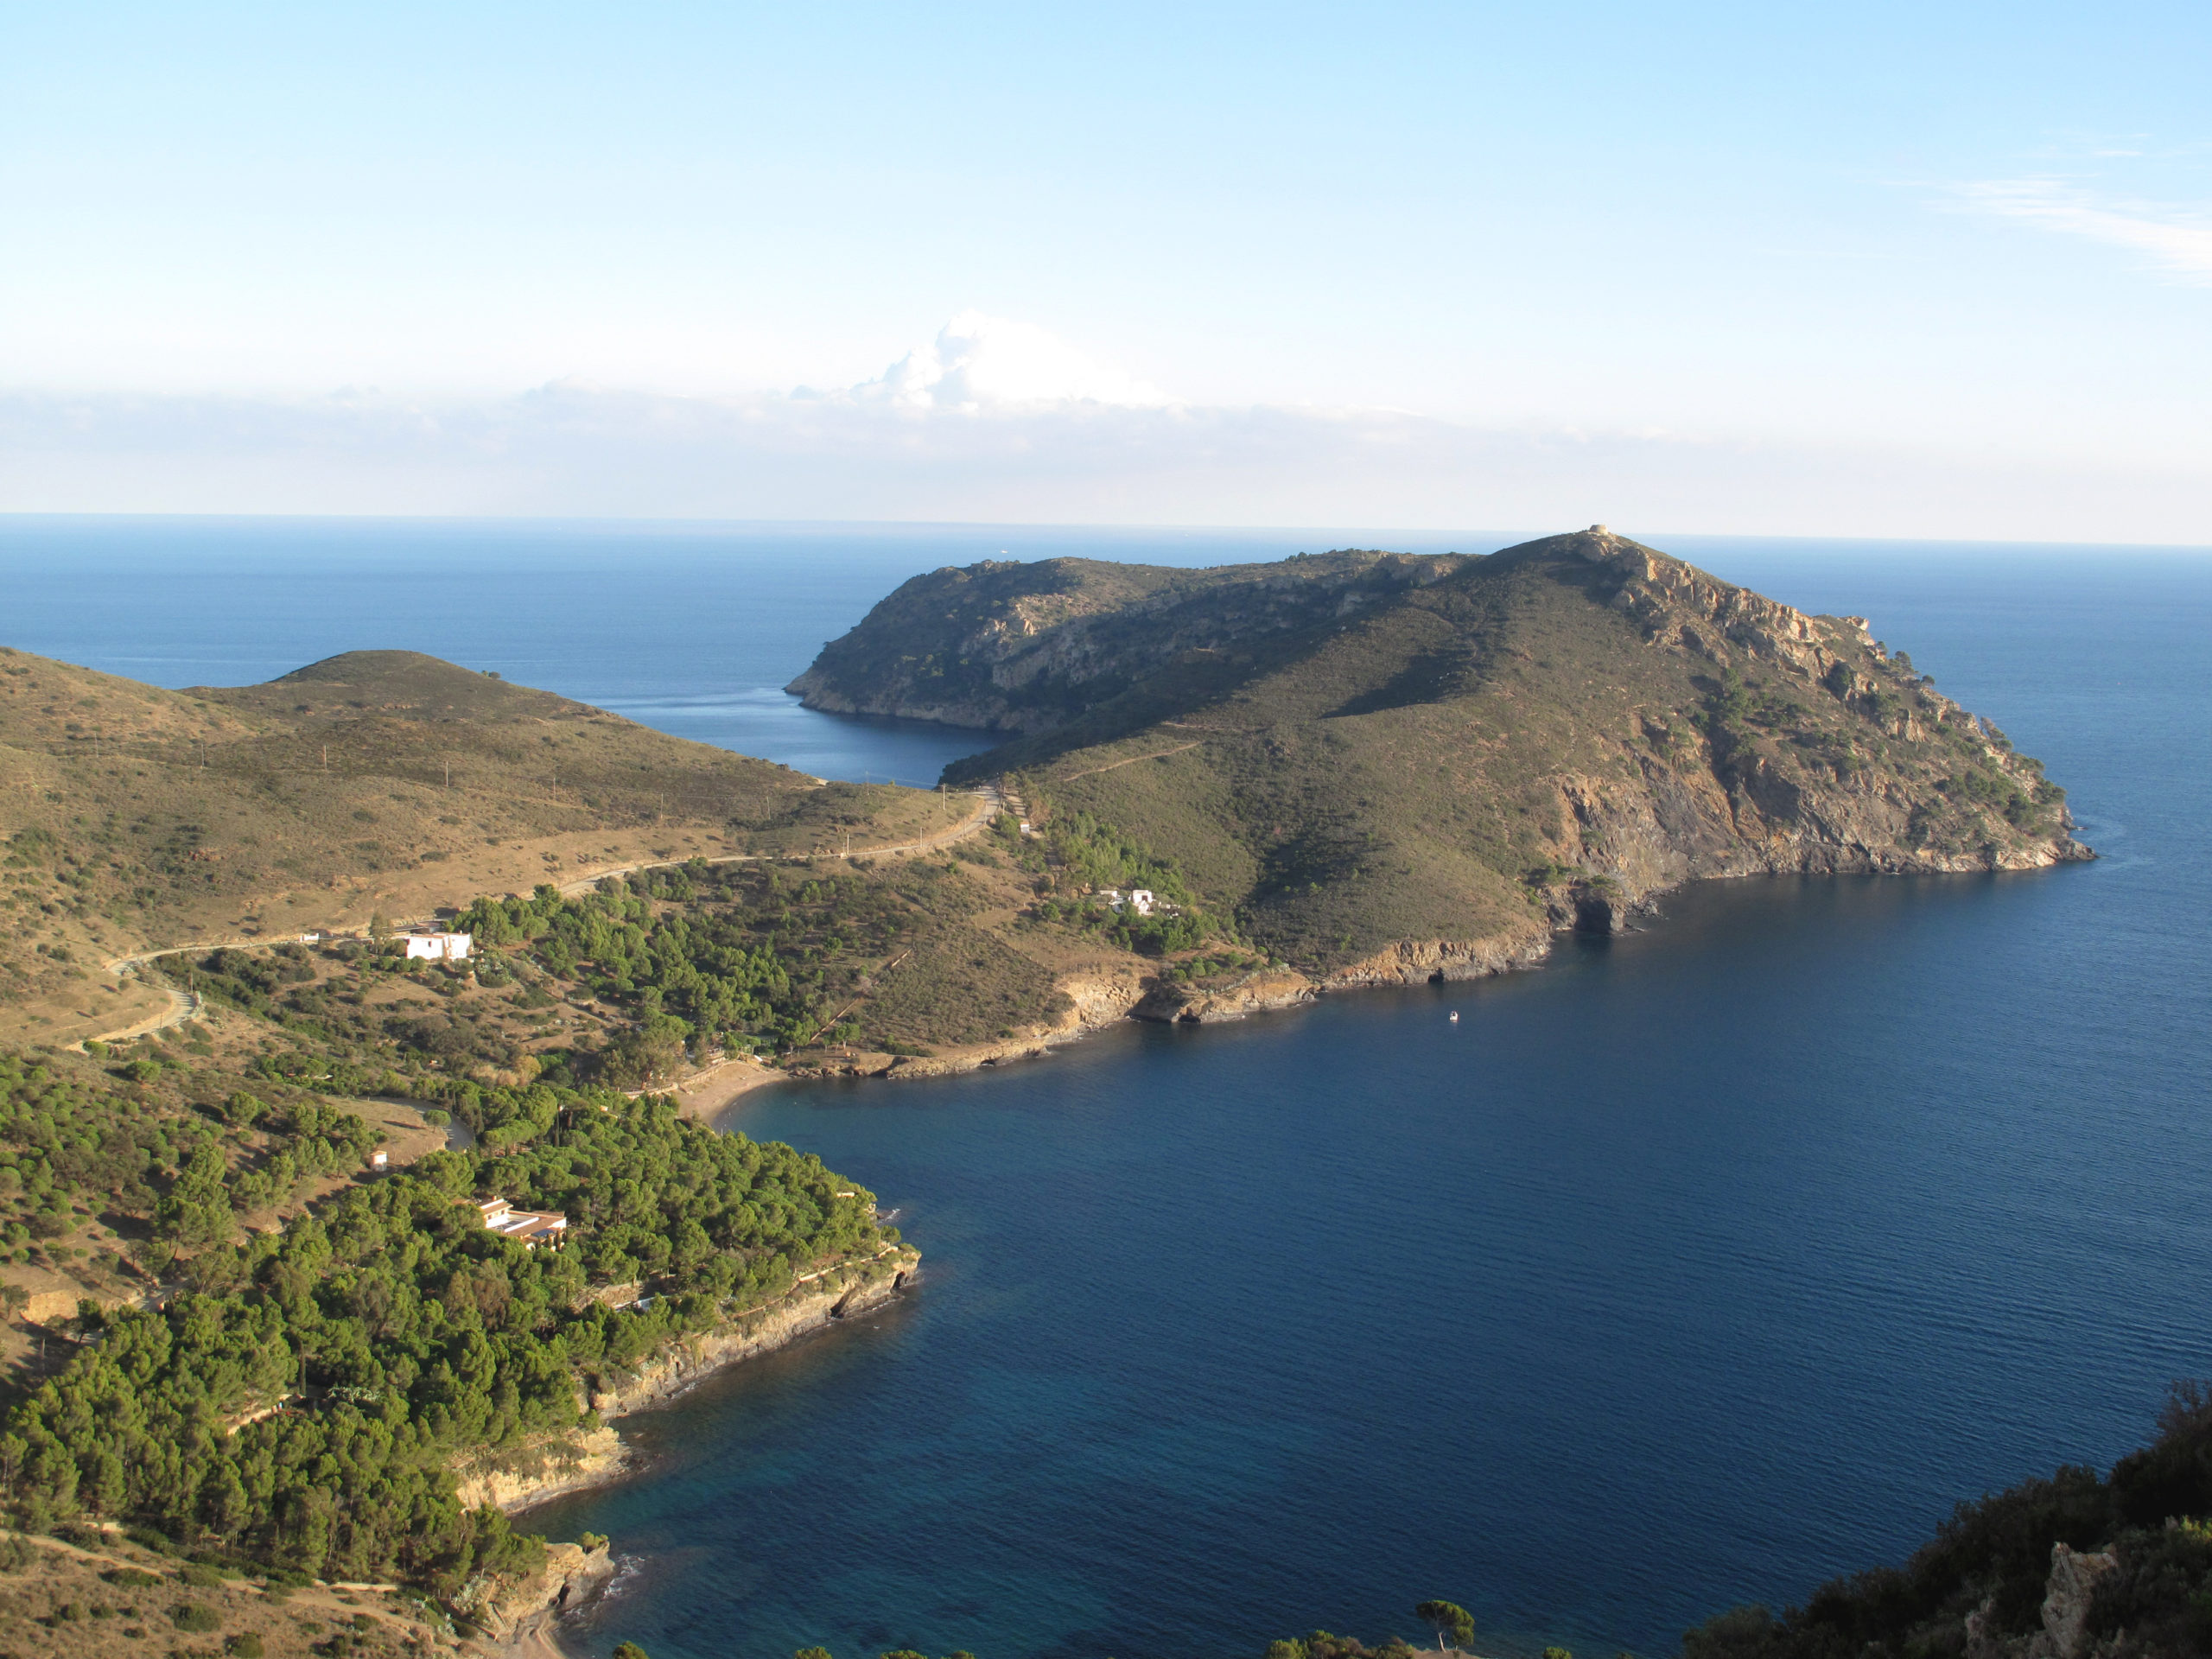 Roses limita l'accés al Parc Natural del Cap de Creus del 15 de juliol al 31 d'agost